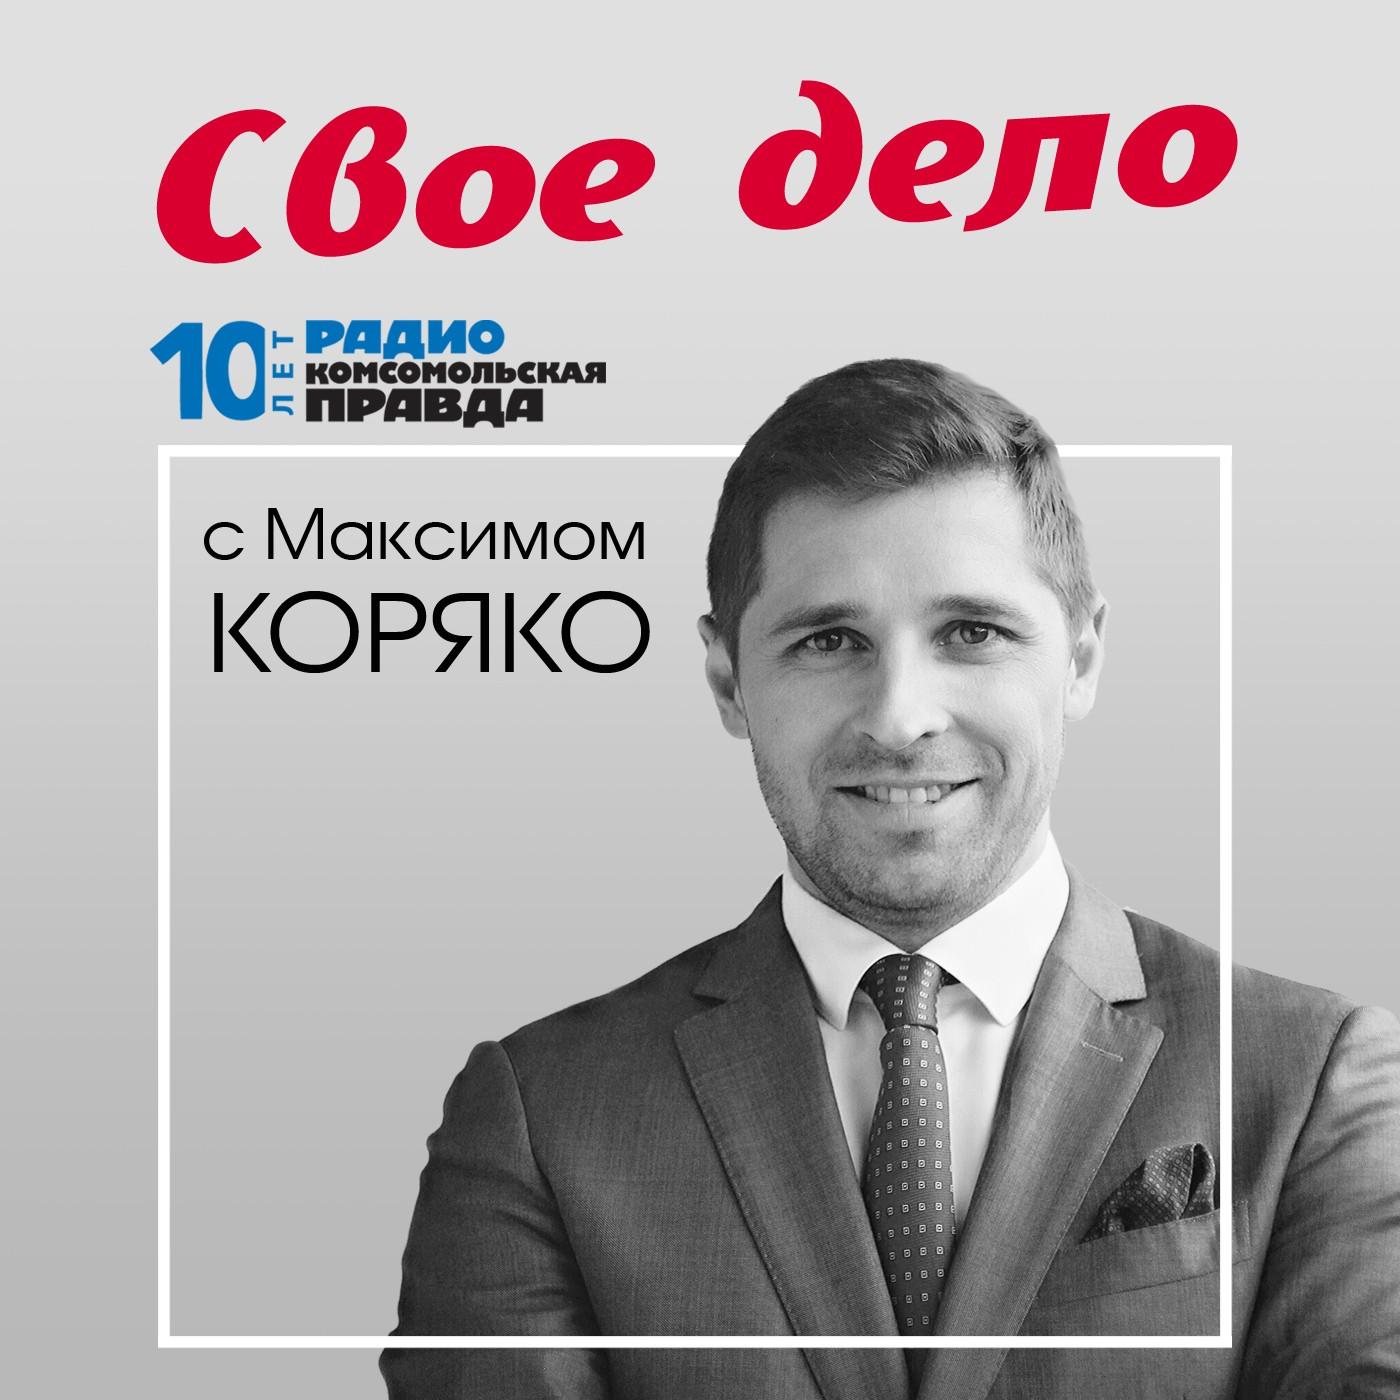 Радио «Комсомольская правда» Бизнес с чистыми руками: как создать рынок антисептиков с нуля? питер джеферсон бизнес снуля до